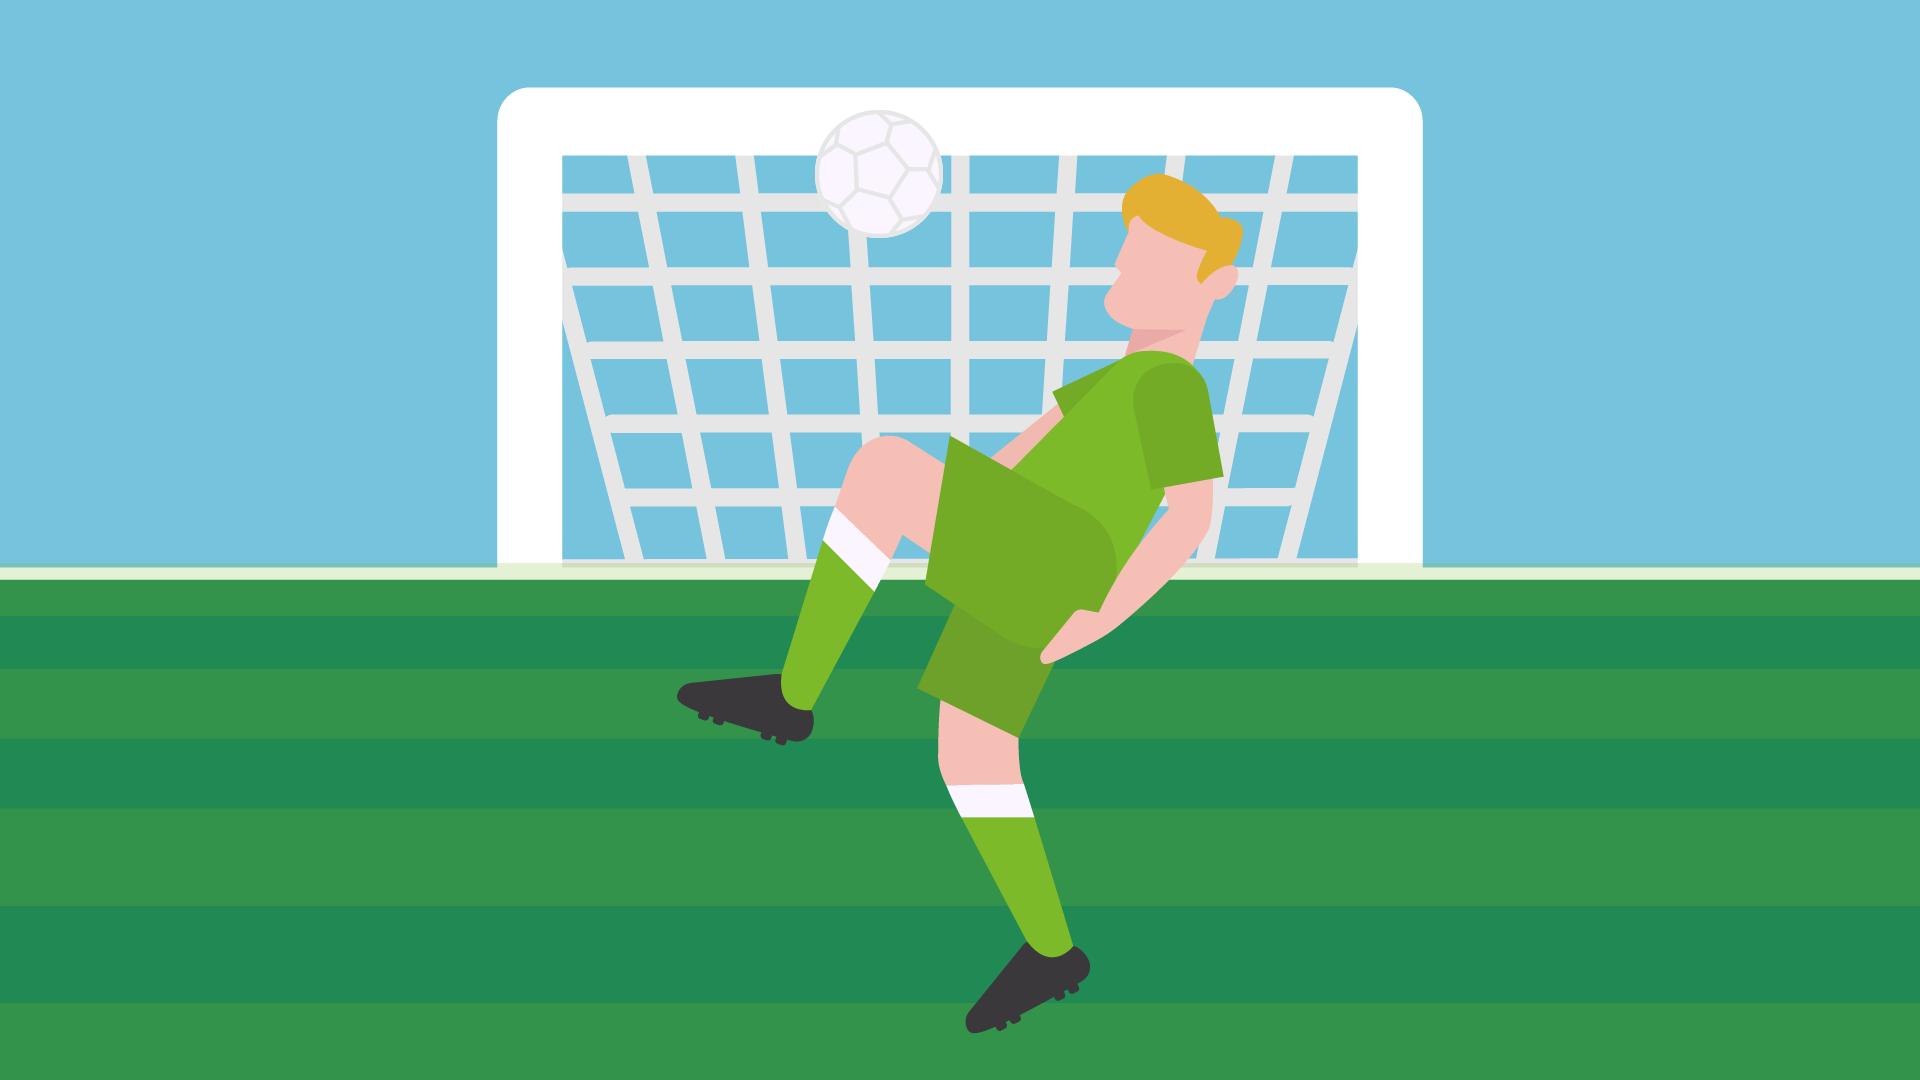 Social Football App Illustration